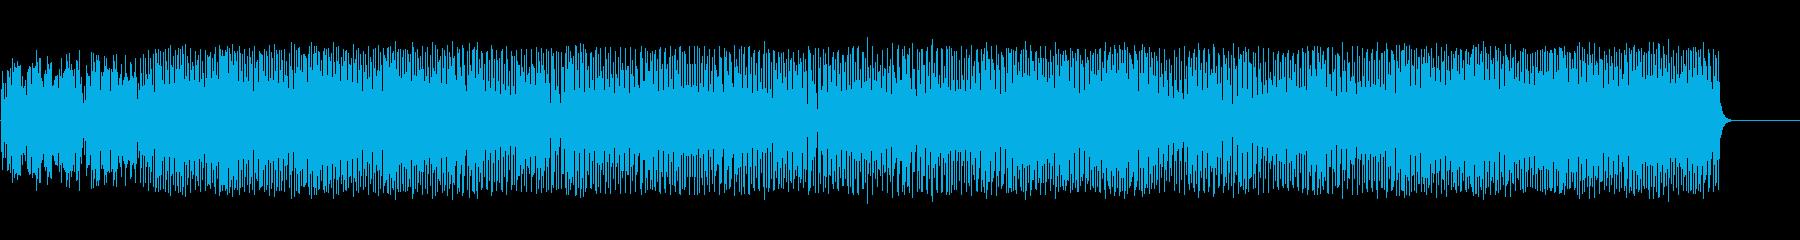 キャッチーな現代のラテン語の歌の...の再生済みの波形